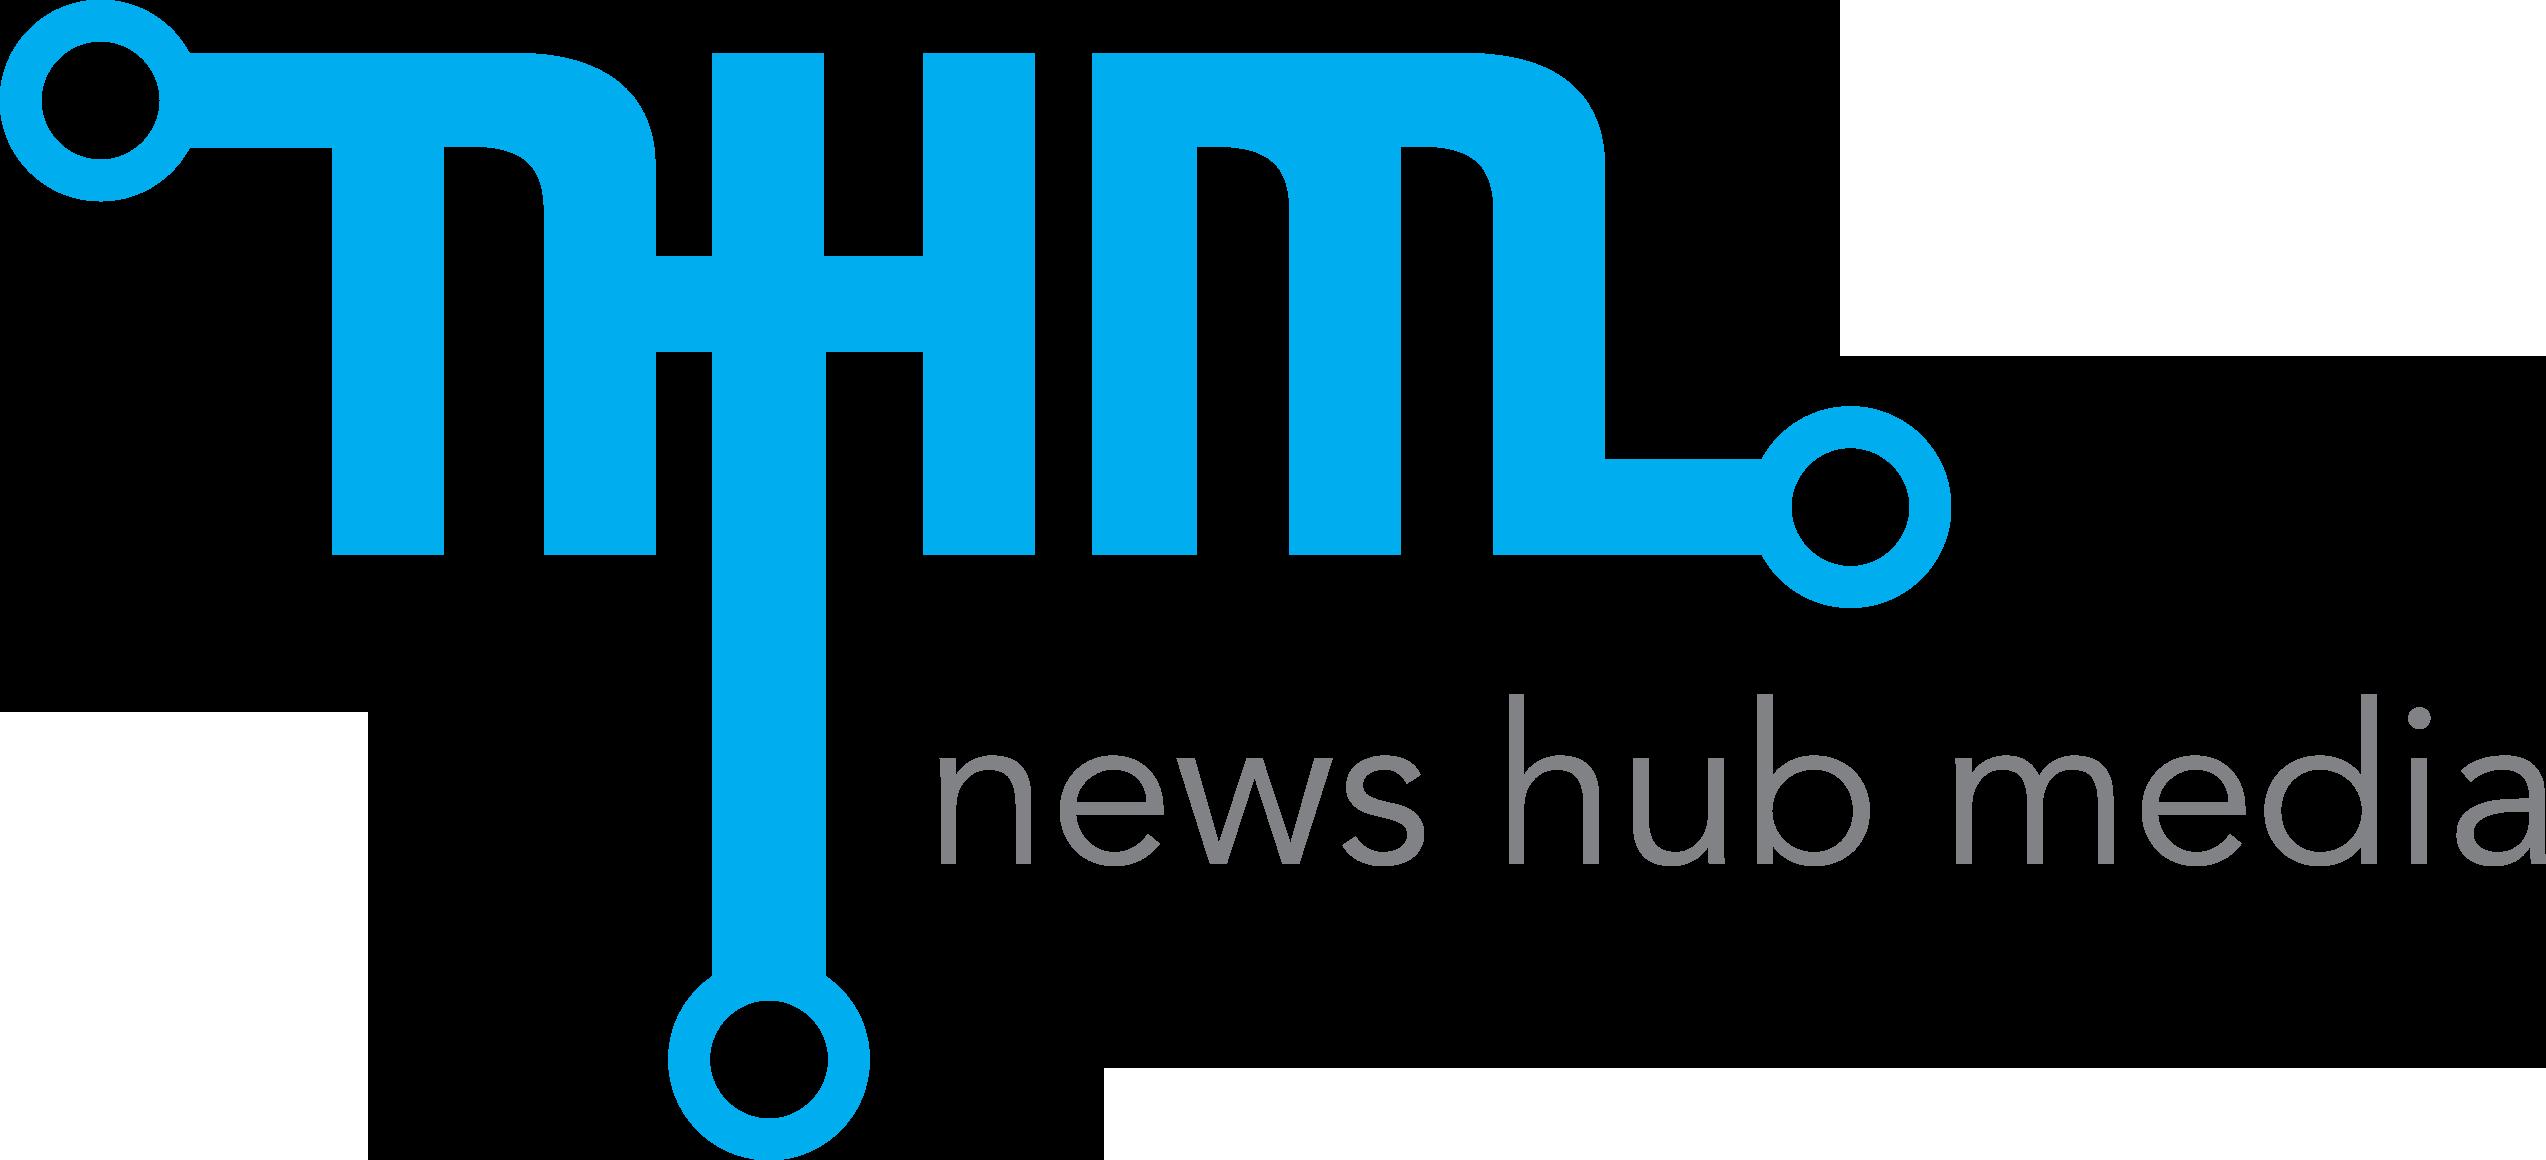 Medios del centro de noticias